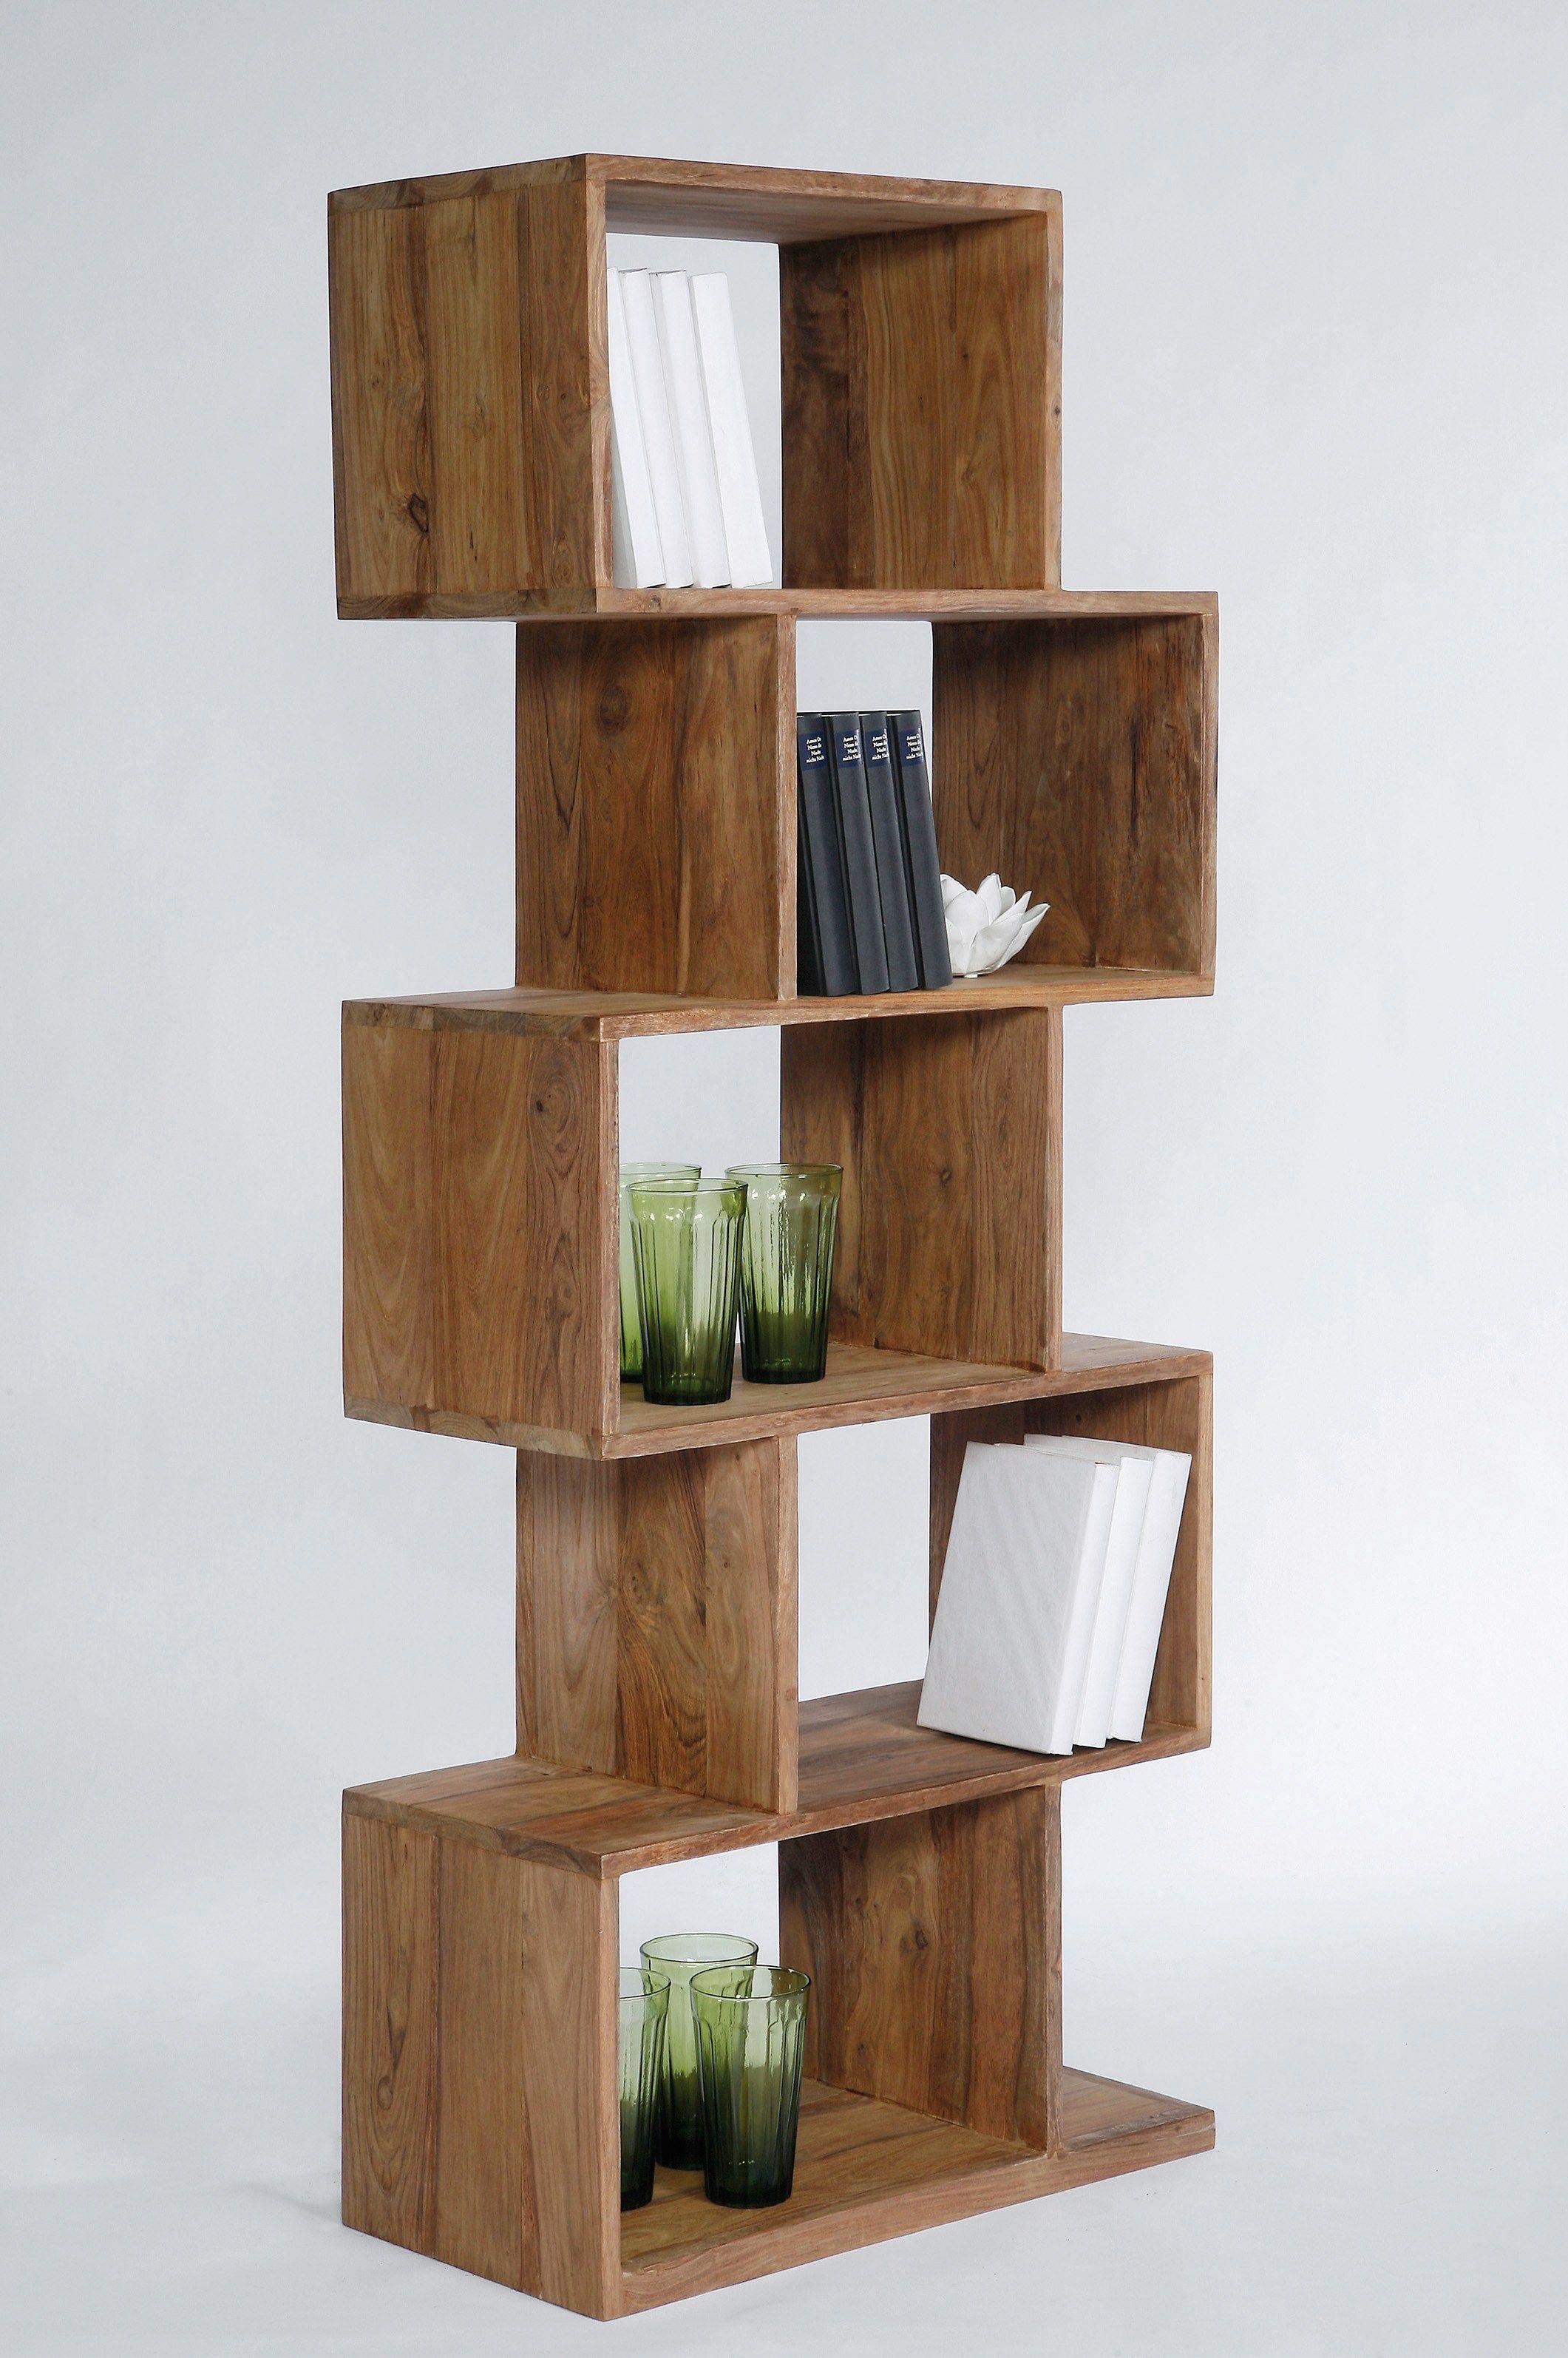 biblioth que sur pied ouverte en bois design authentico by kare design. Black Bedroom Furniture Sets. Home Design Ideas